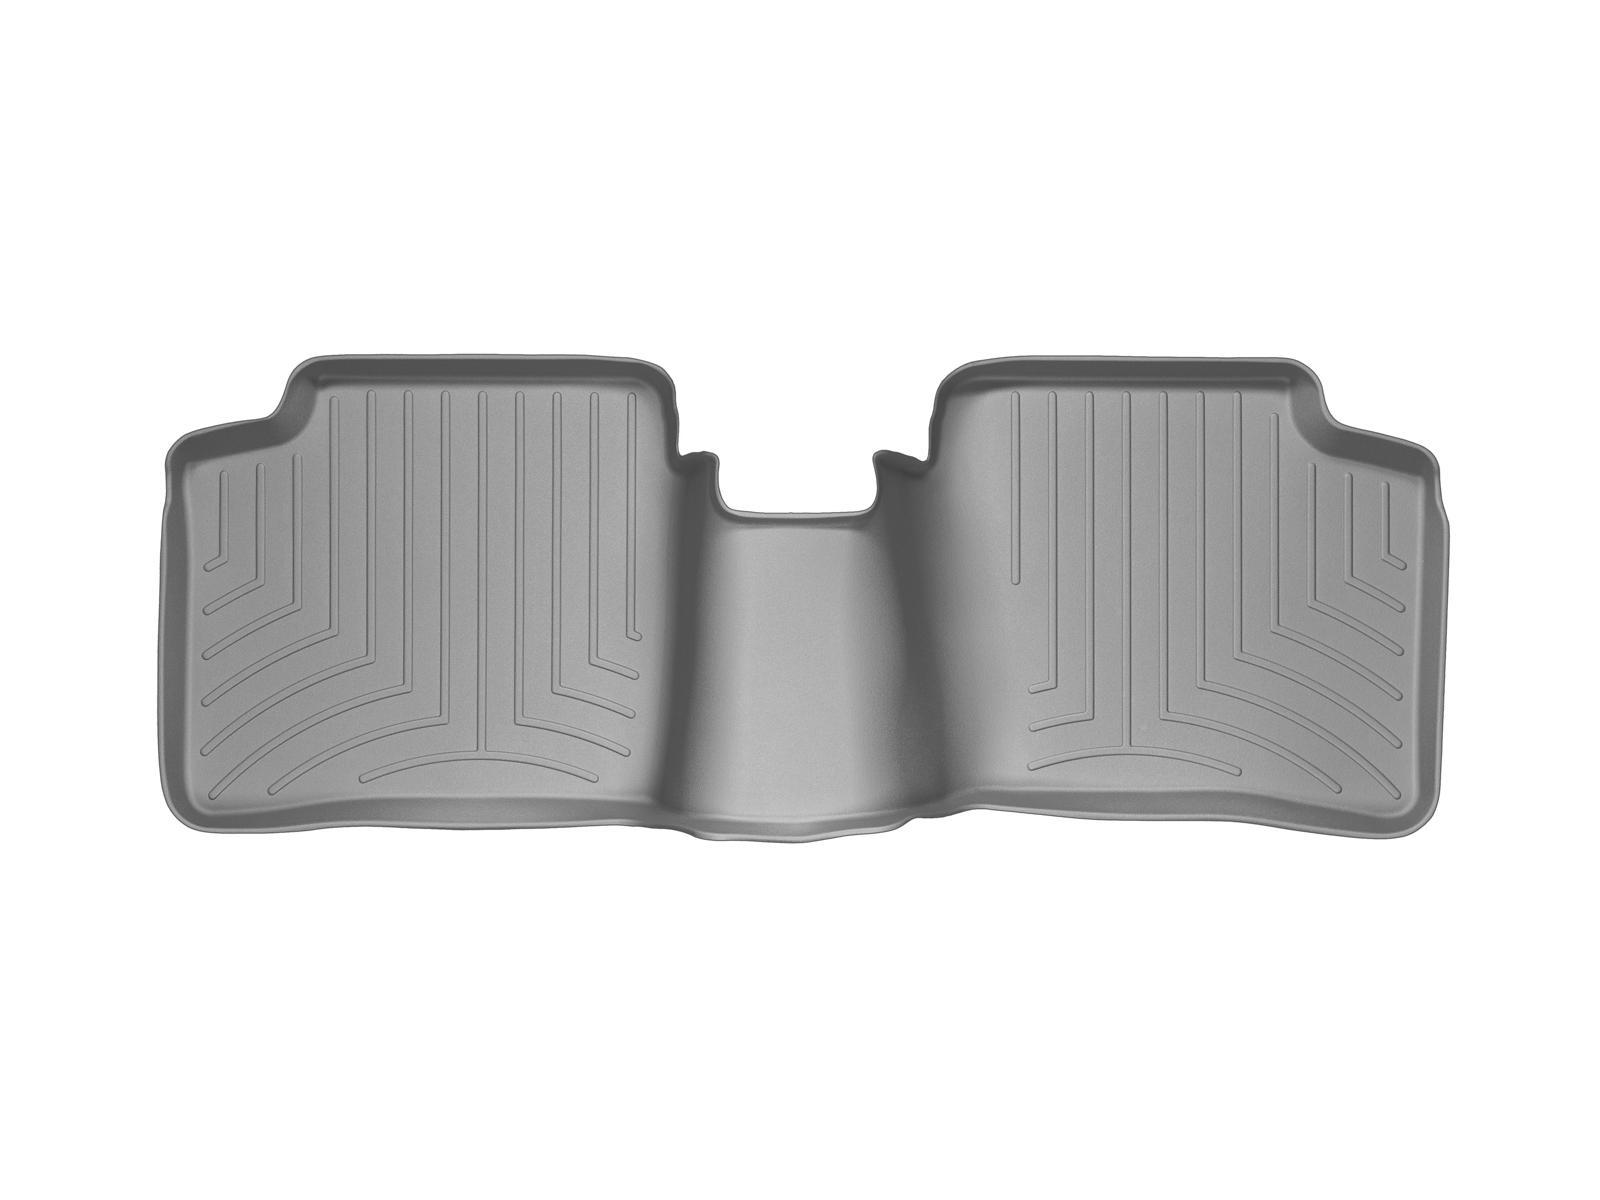 Tappeti gomma su misura bordo alto Toyota Prius 09>09 Grigio A3739*